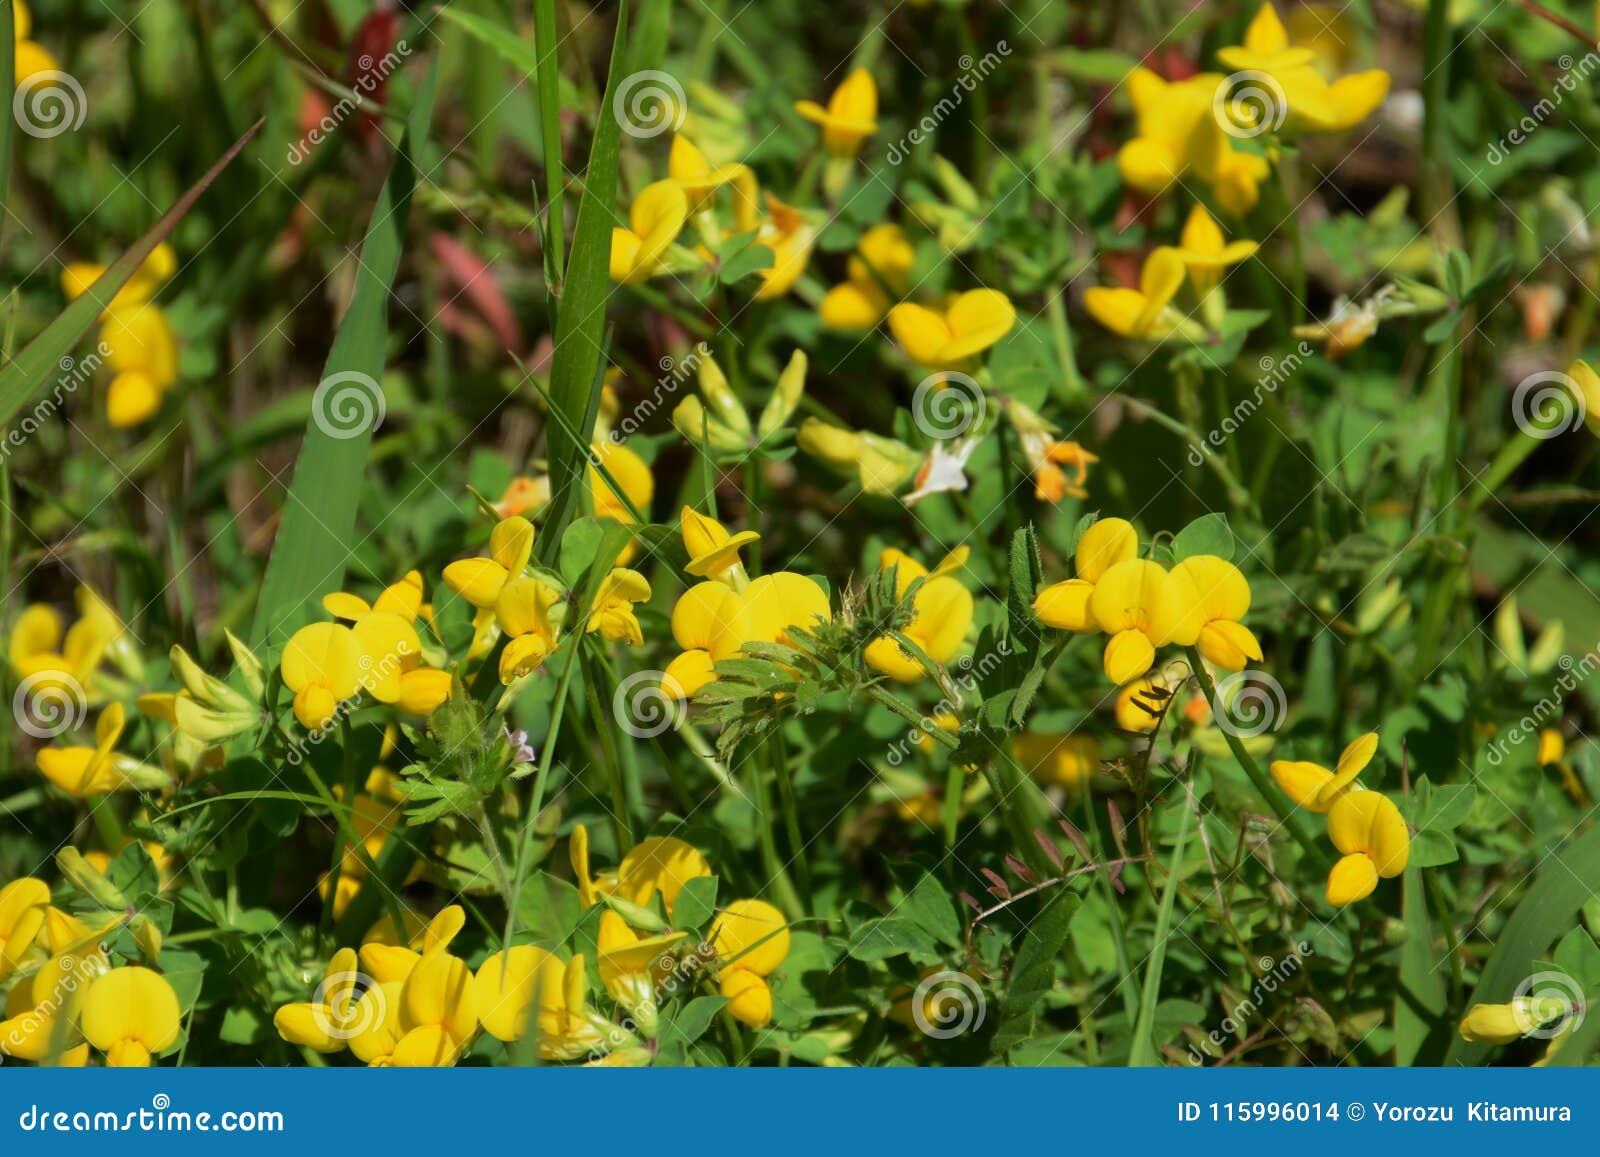 Lotus Corniculatus Flowers Stock Photo Image Of Flower 115996014